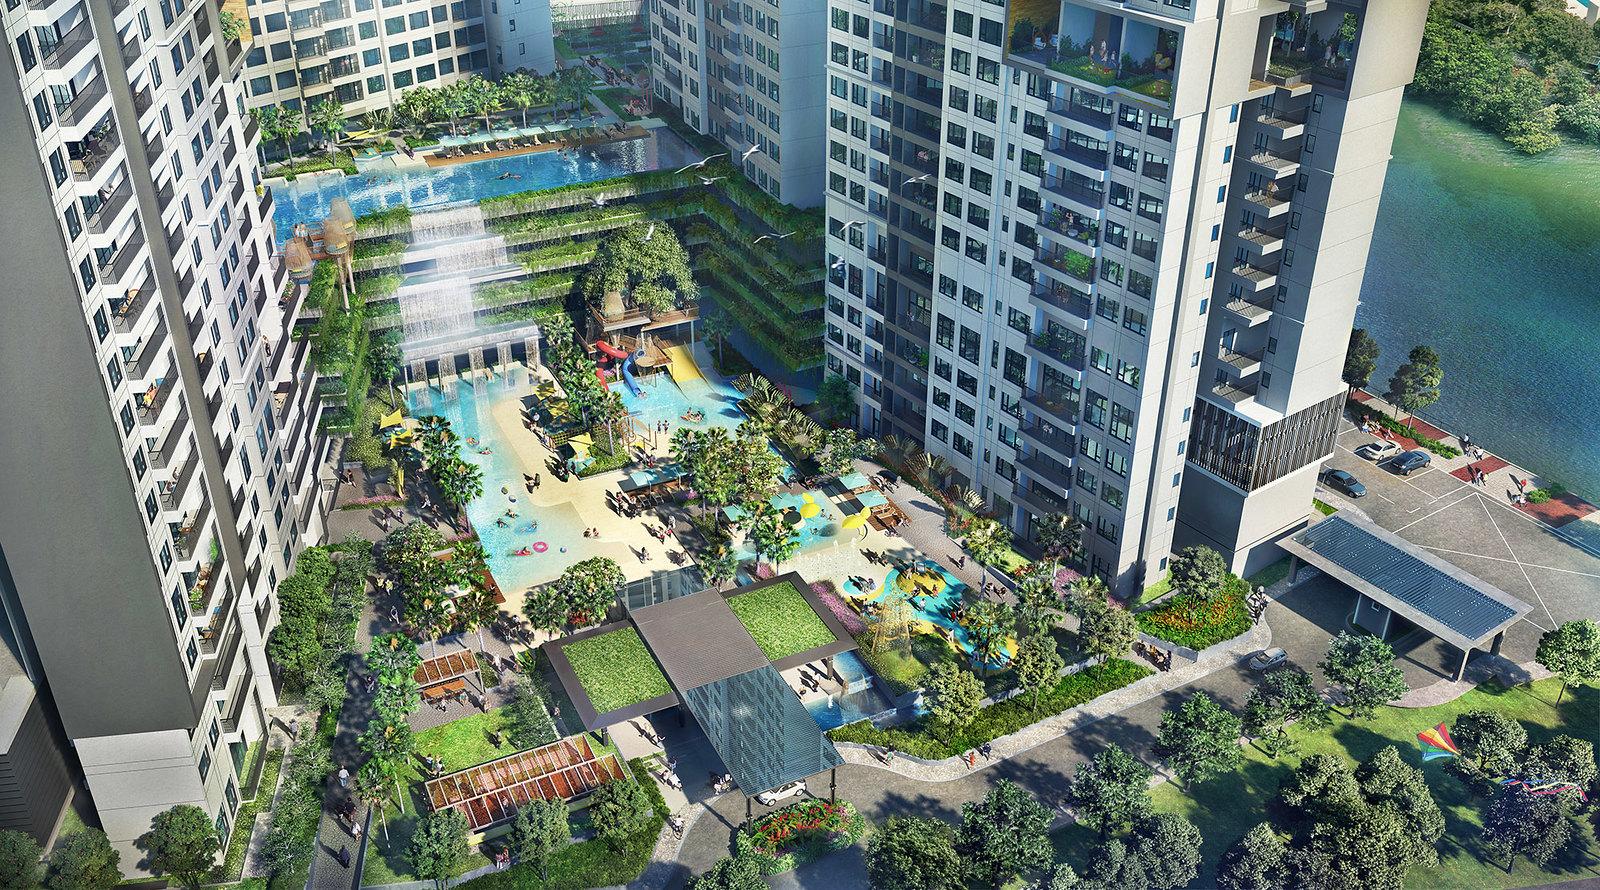 Thiết kế theo kiểu Singapore, phần lớn diện tích khu căn hộ The Infiniti dành cho cây xanh và mặt nước.